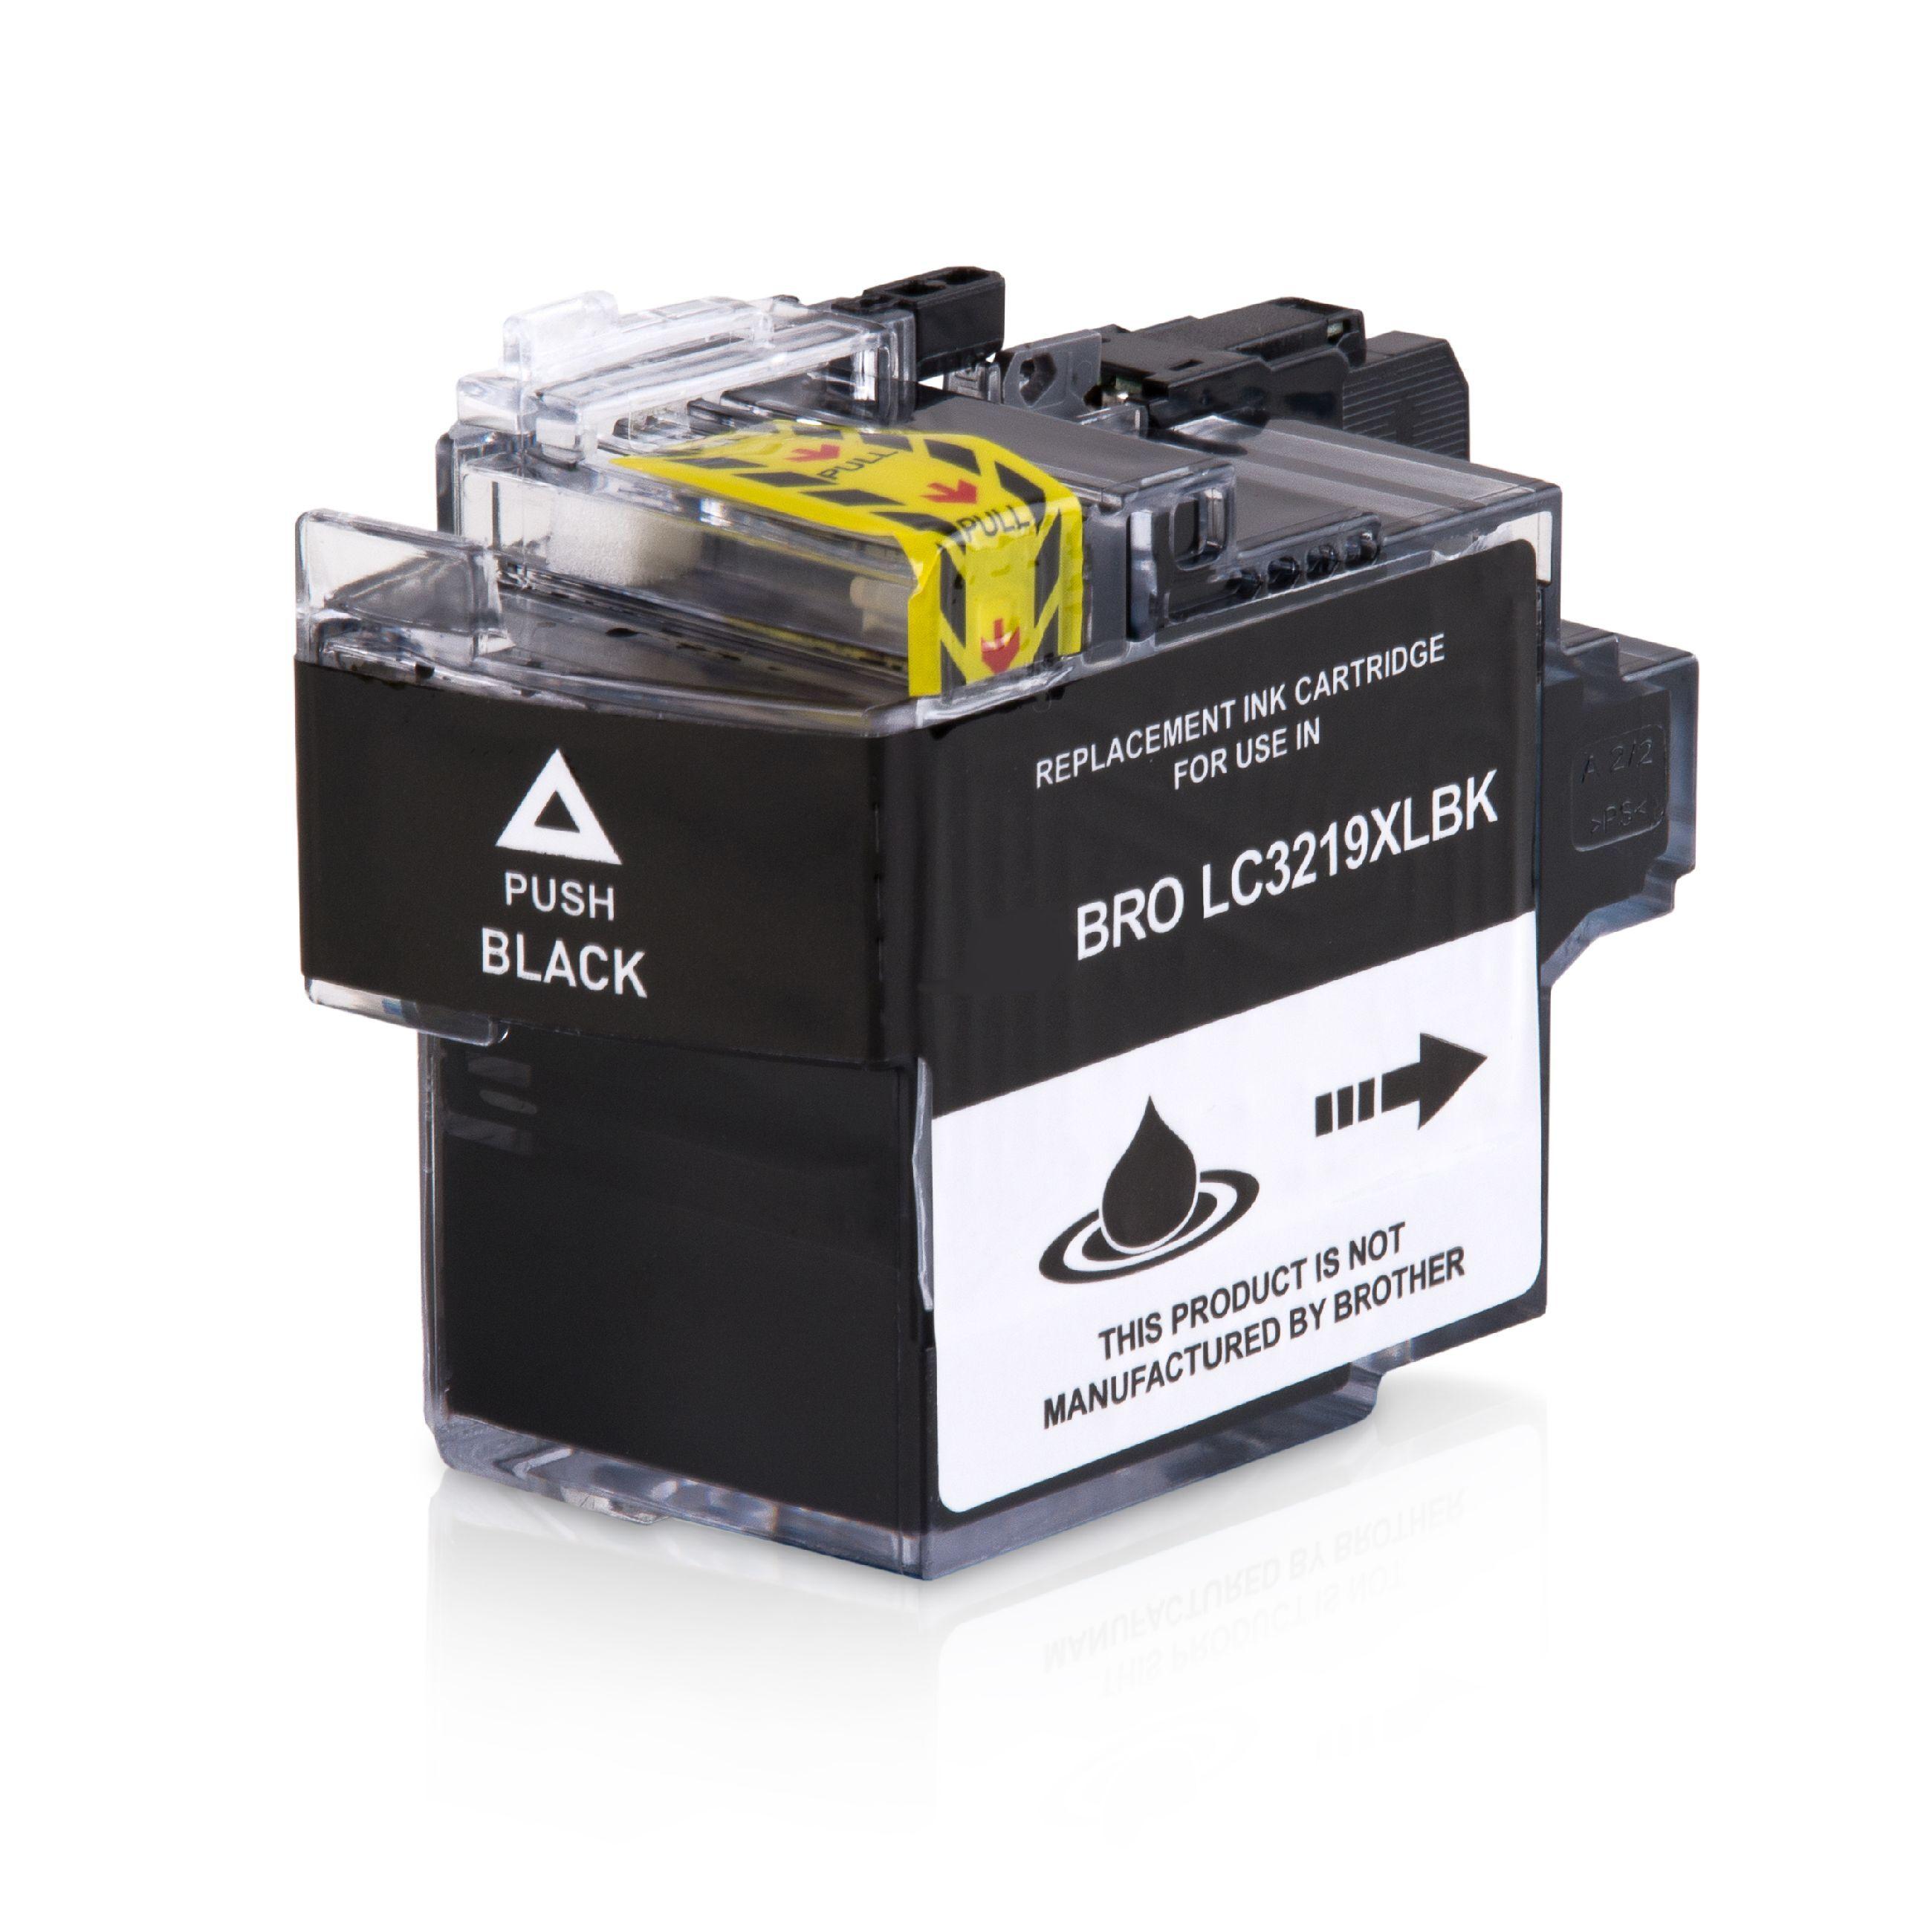 Brother Cartouche d'encre pour Brother LC3219XLBK noir compatible (de marque ASC)